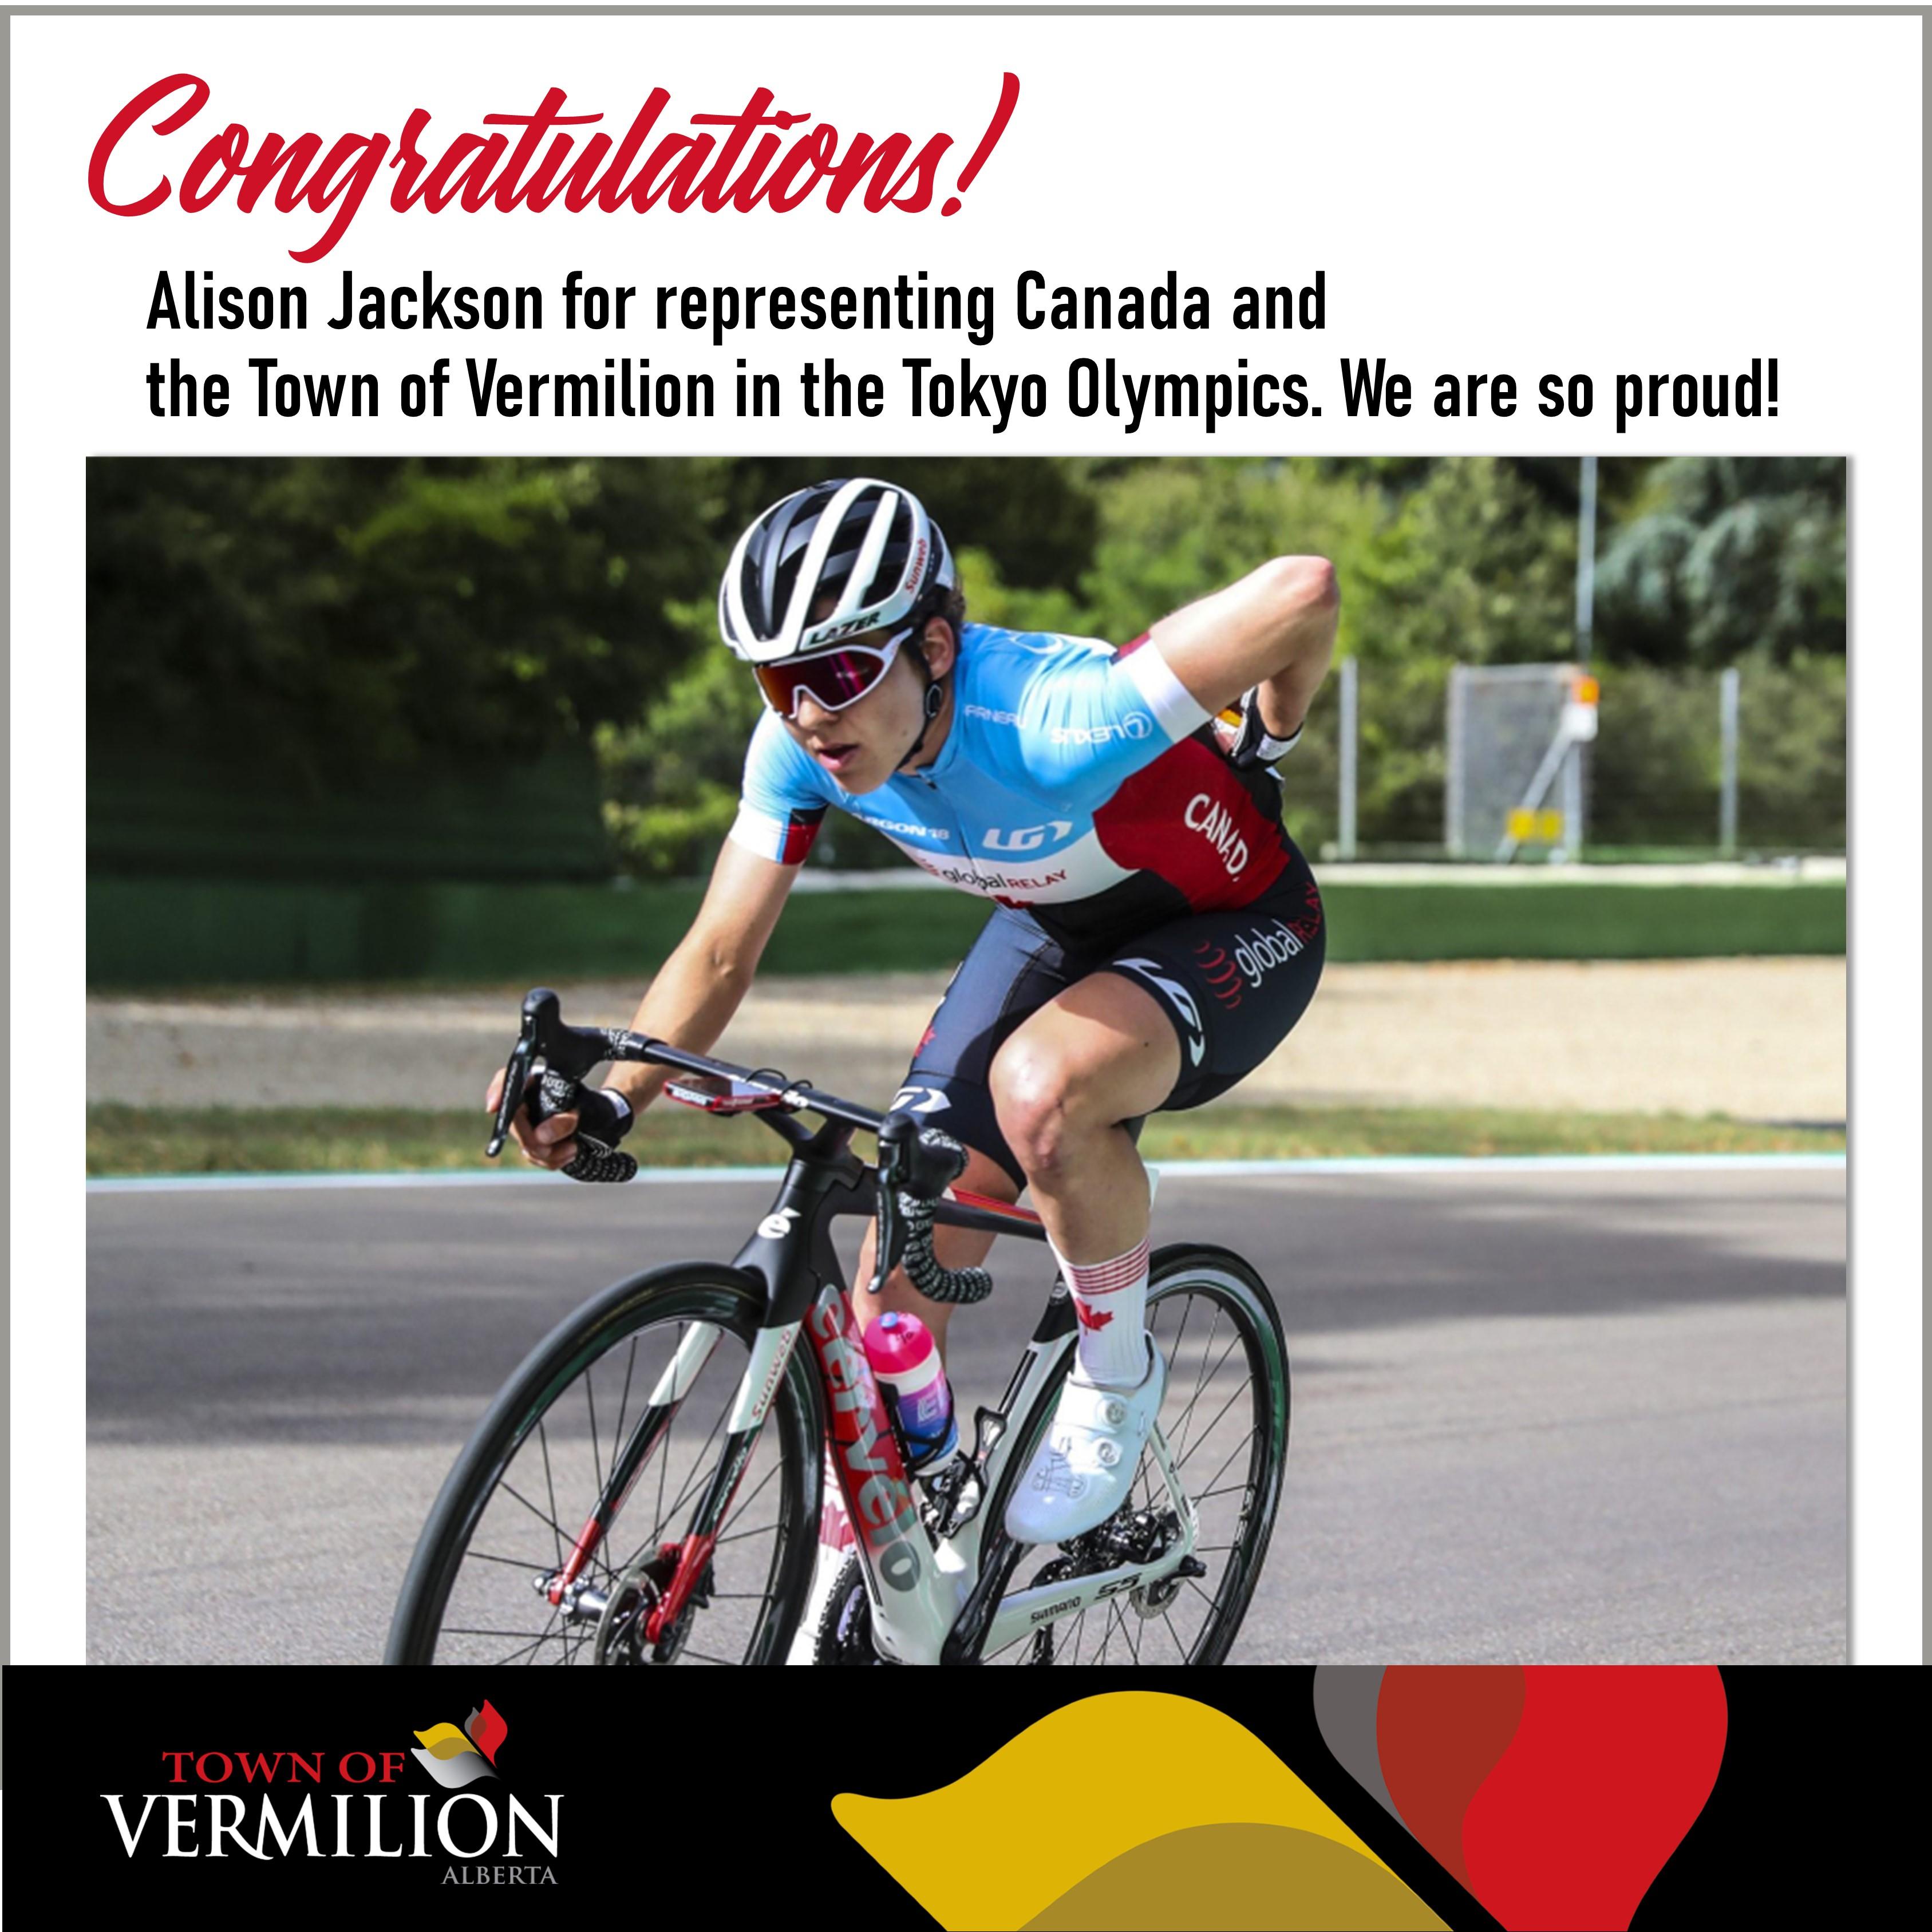 Congratulations Alison Jackson